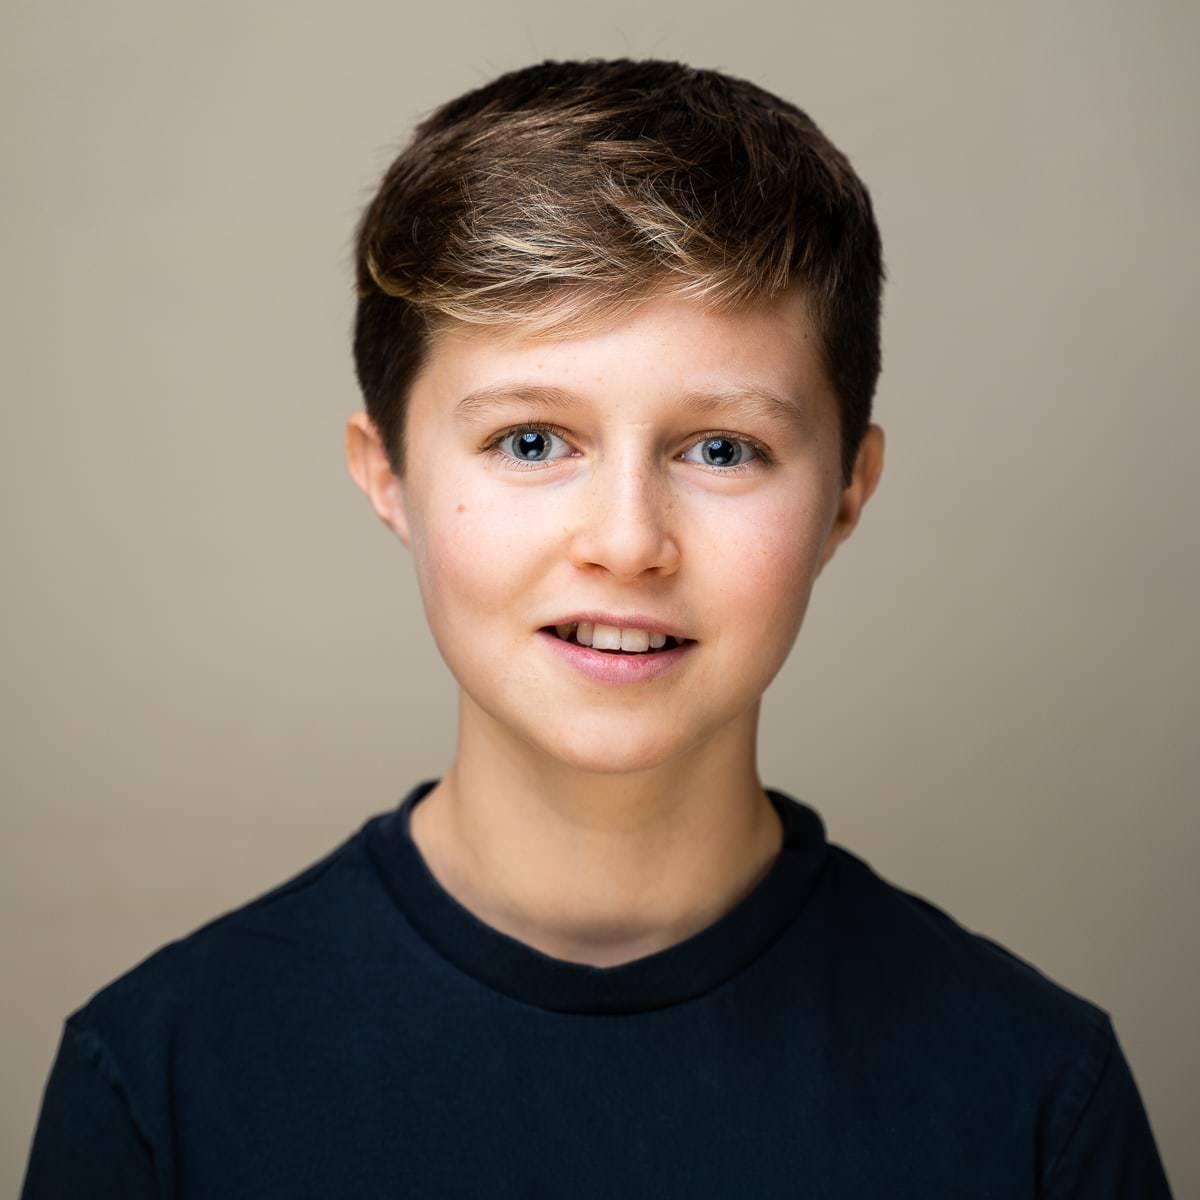 Professional child actor portrait taken in Haywards Heath